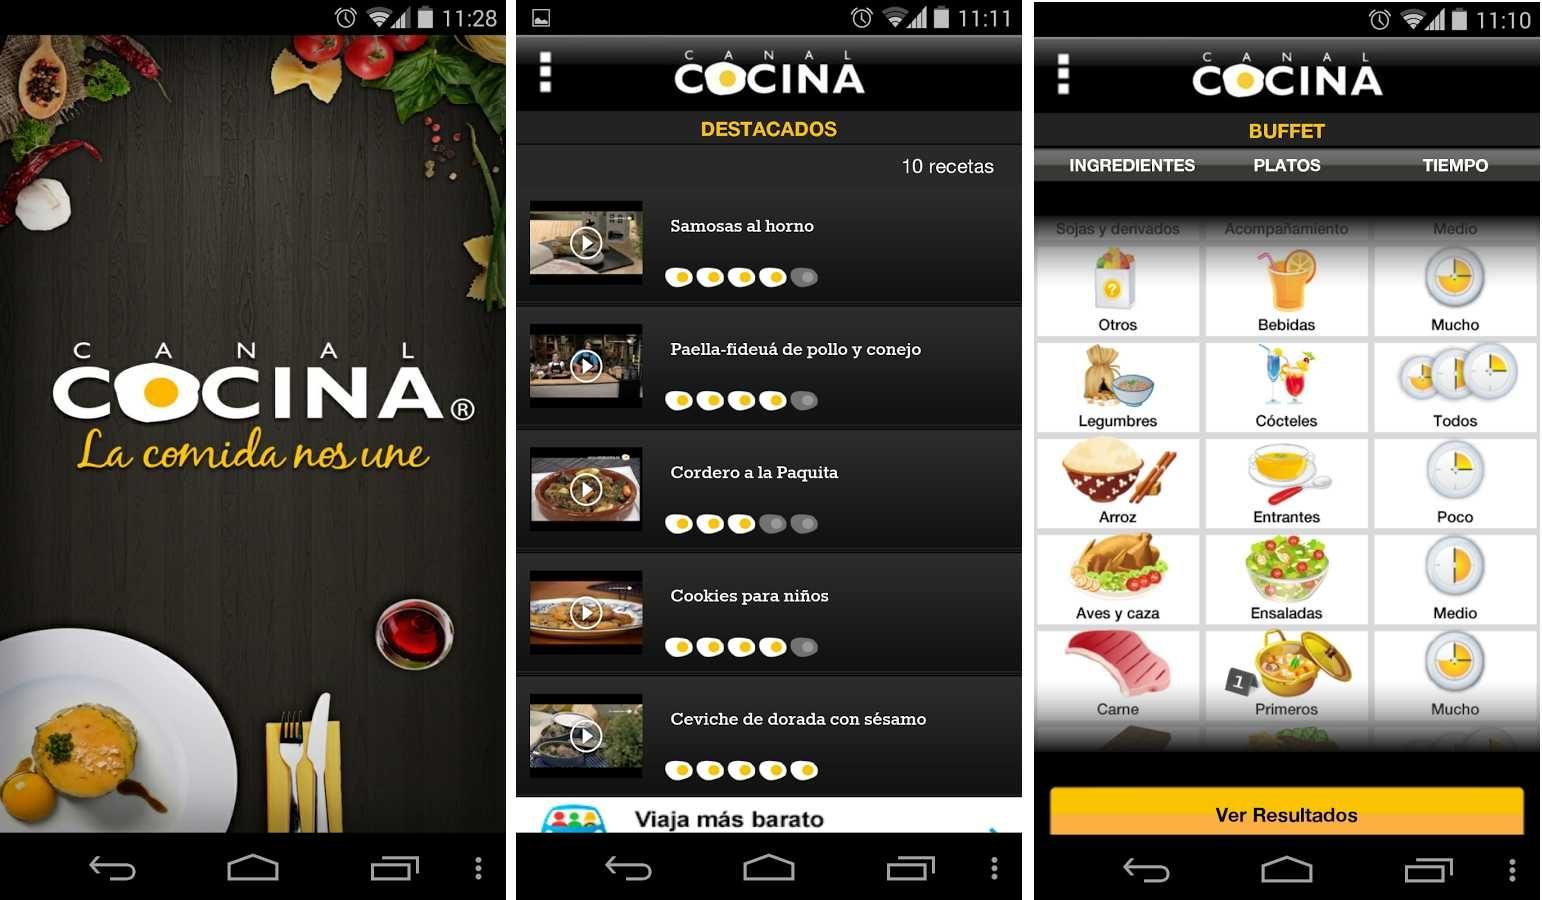 Las 6 mejores aplicaciones android de recetas de cocina for Planificador cocinas gratis